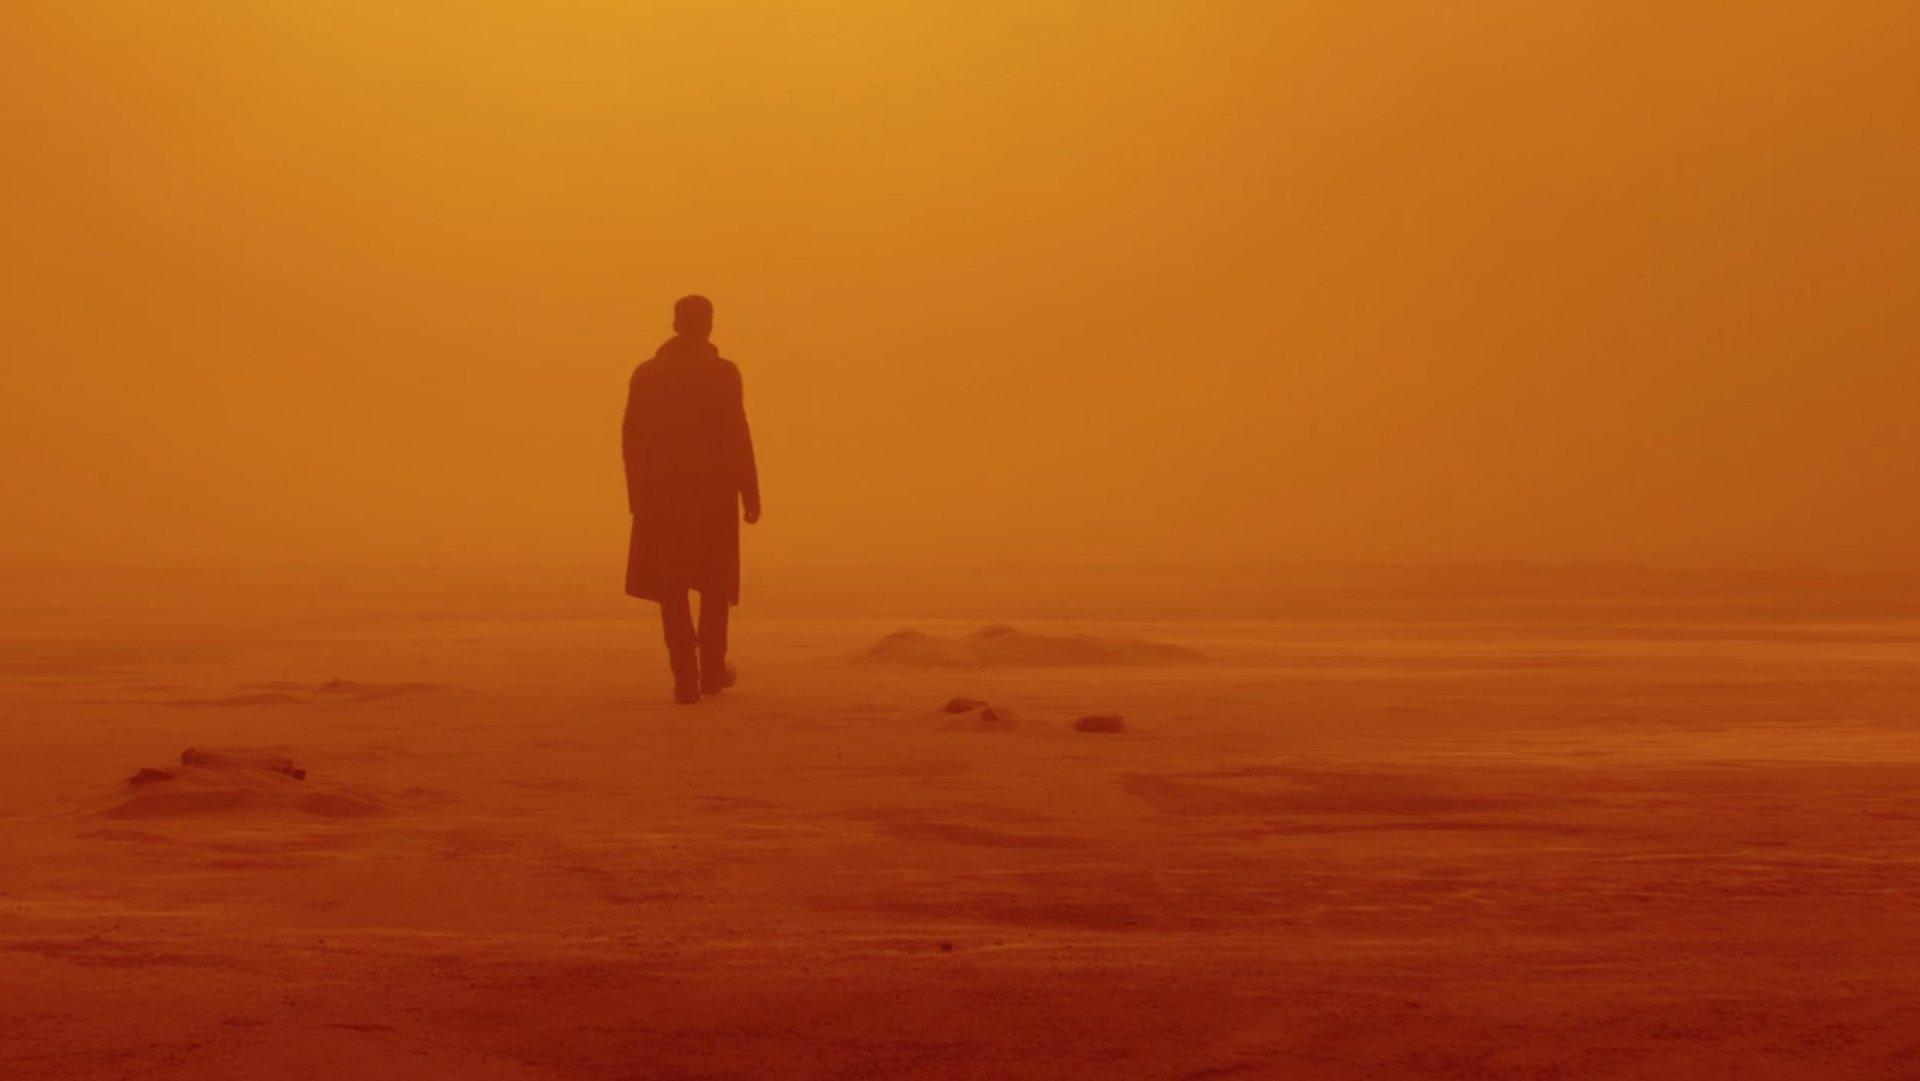 A silhueta de Ryan Gosling, em marrom, se distanciando de quem a olha enquanto se embrenha em um deserto com chão, céu e névoa amarelos